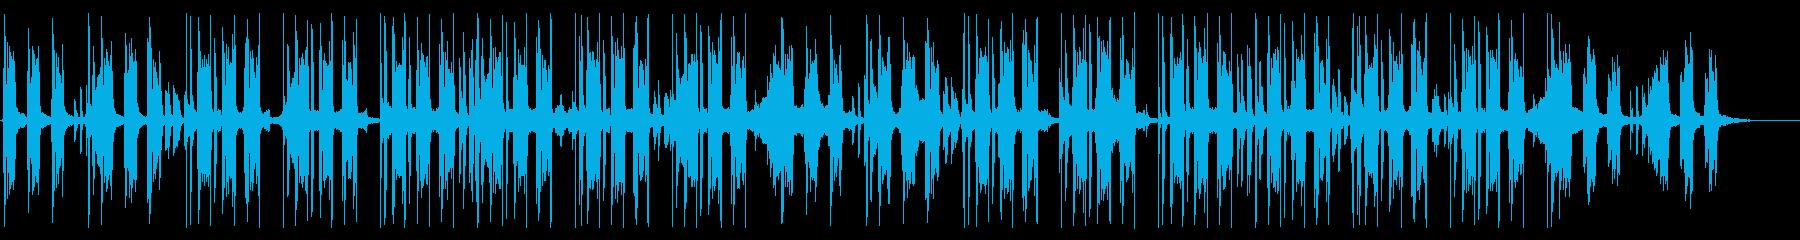 スタイリッシュで穏やかなHIPHOPの再生済みの波形